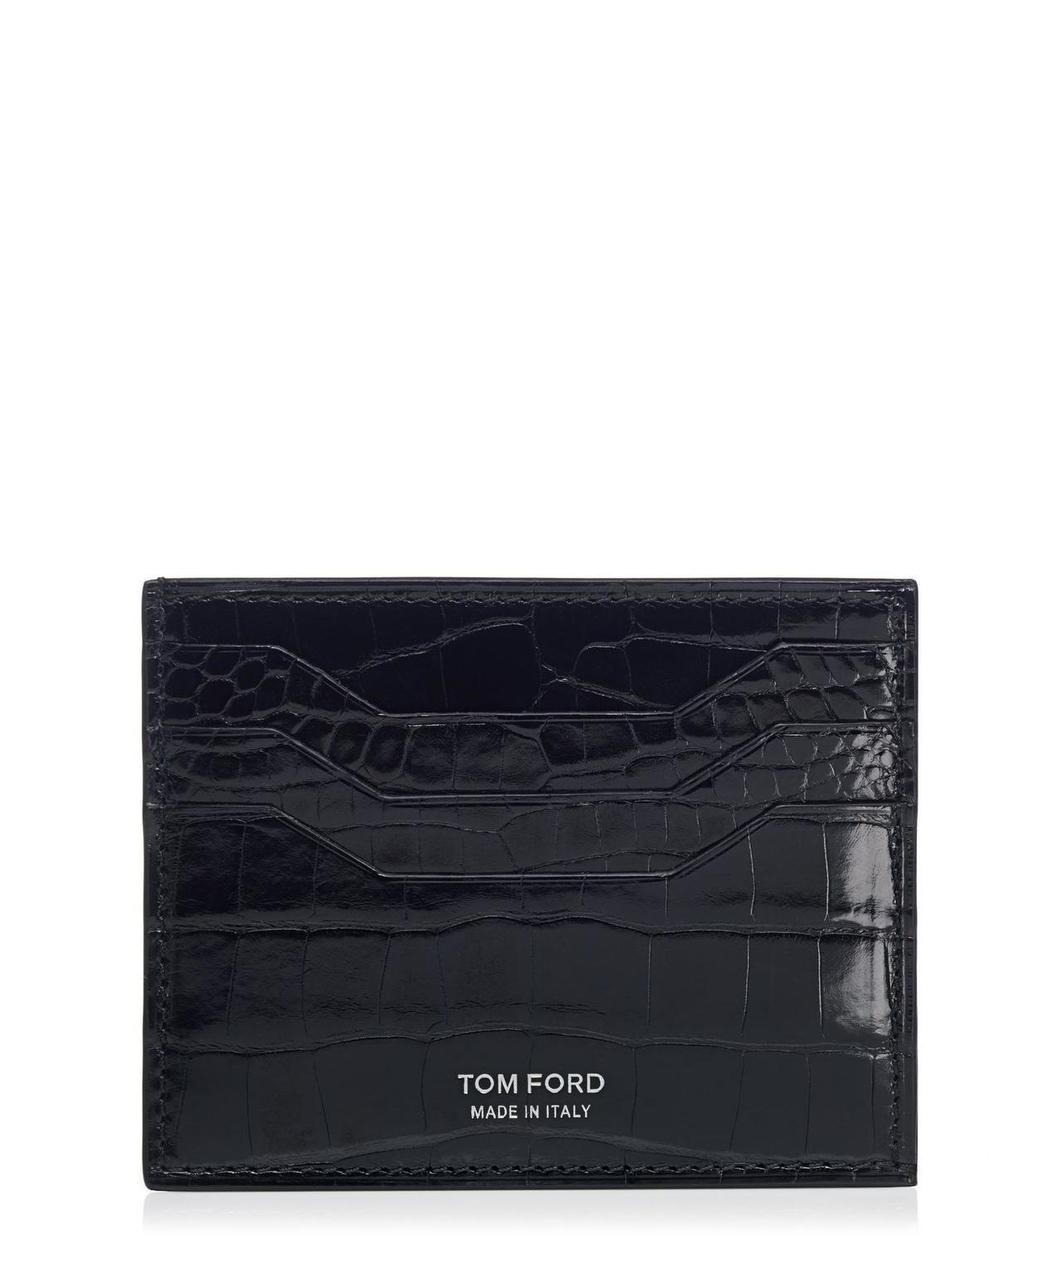 classic cardholder - Black Tom Ford I6GAaeNvL